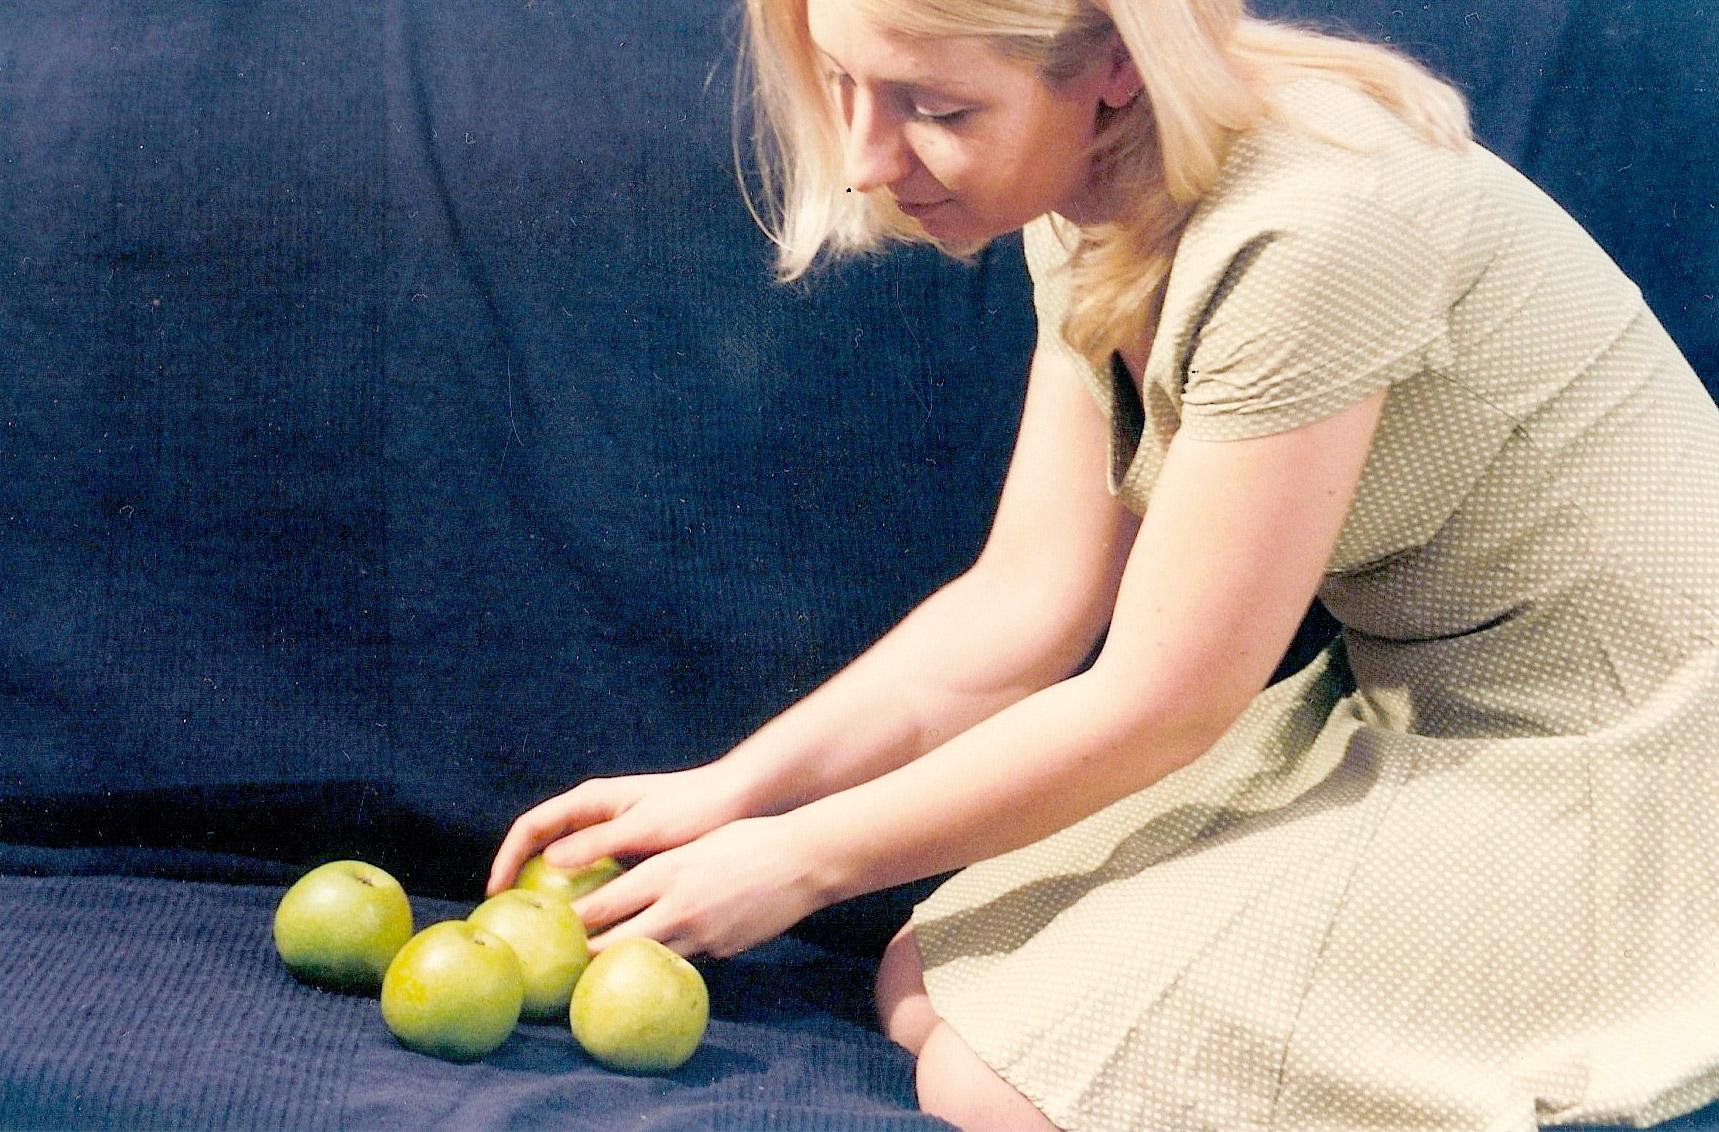 Ульяна Стратонитская • Постановочная фотография с яблоками